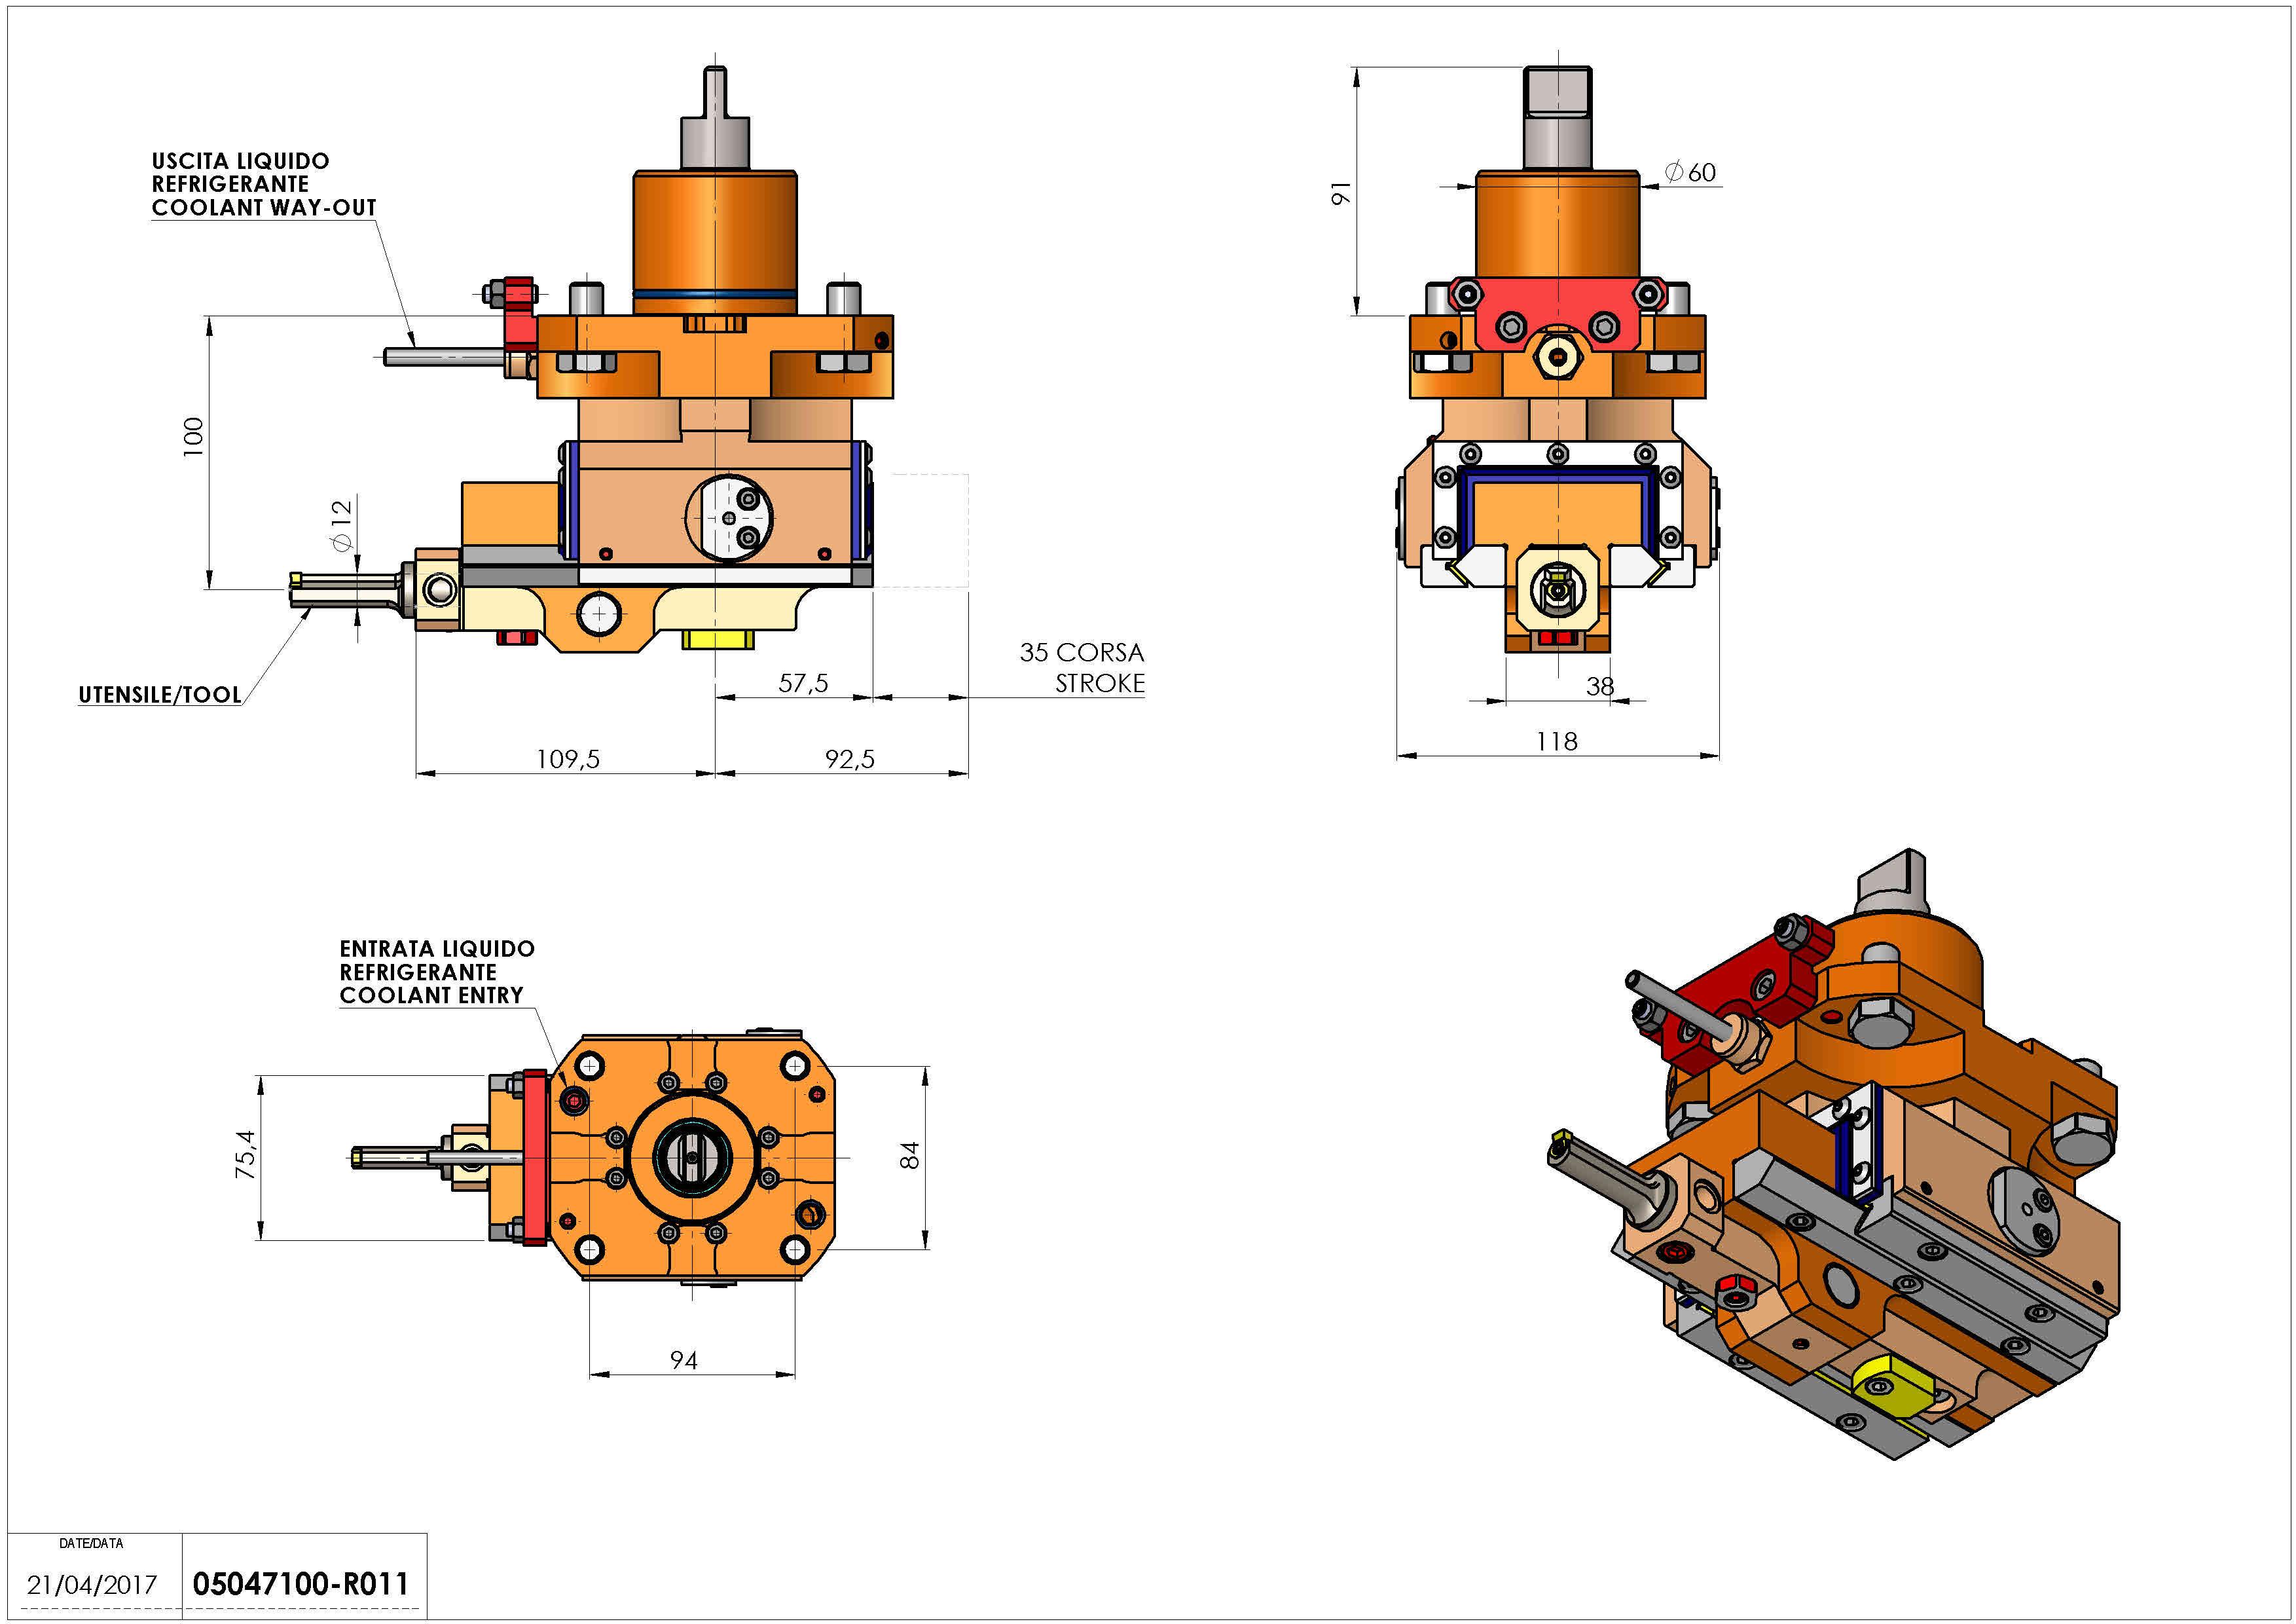 Technical image - LT-A ST35 D60 C12 H100.